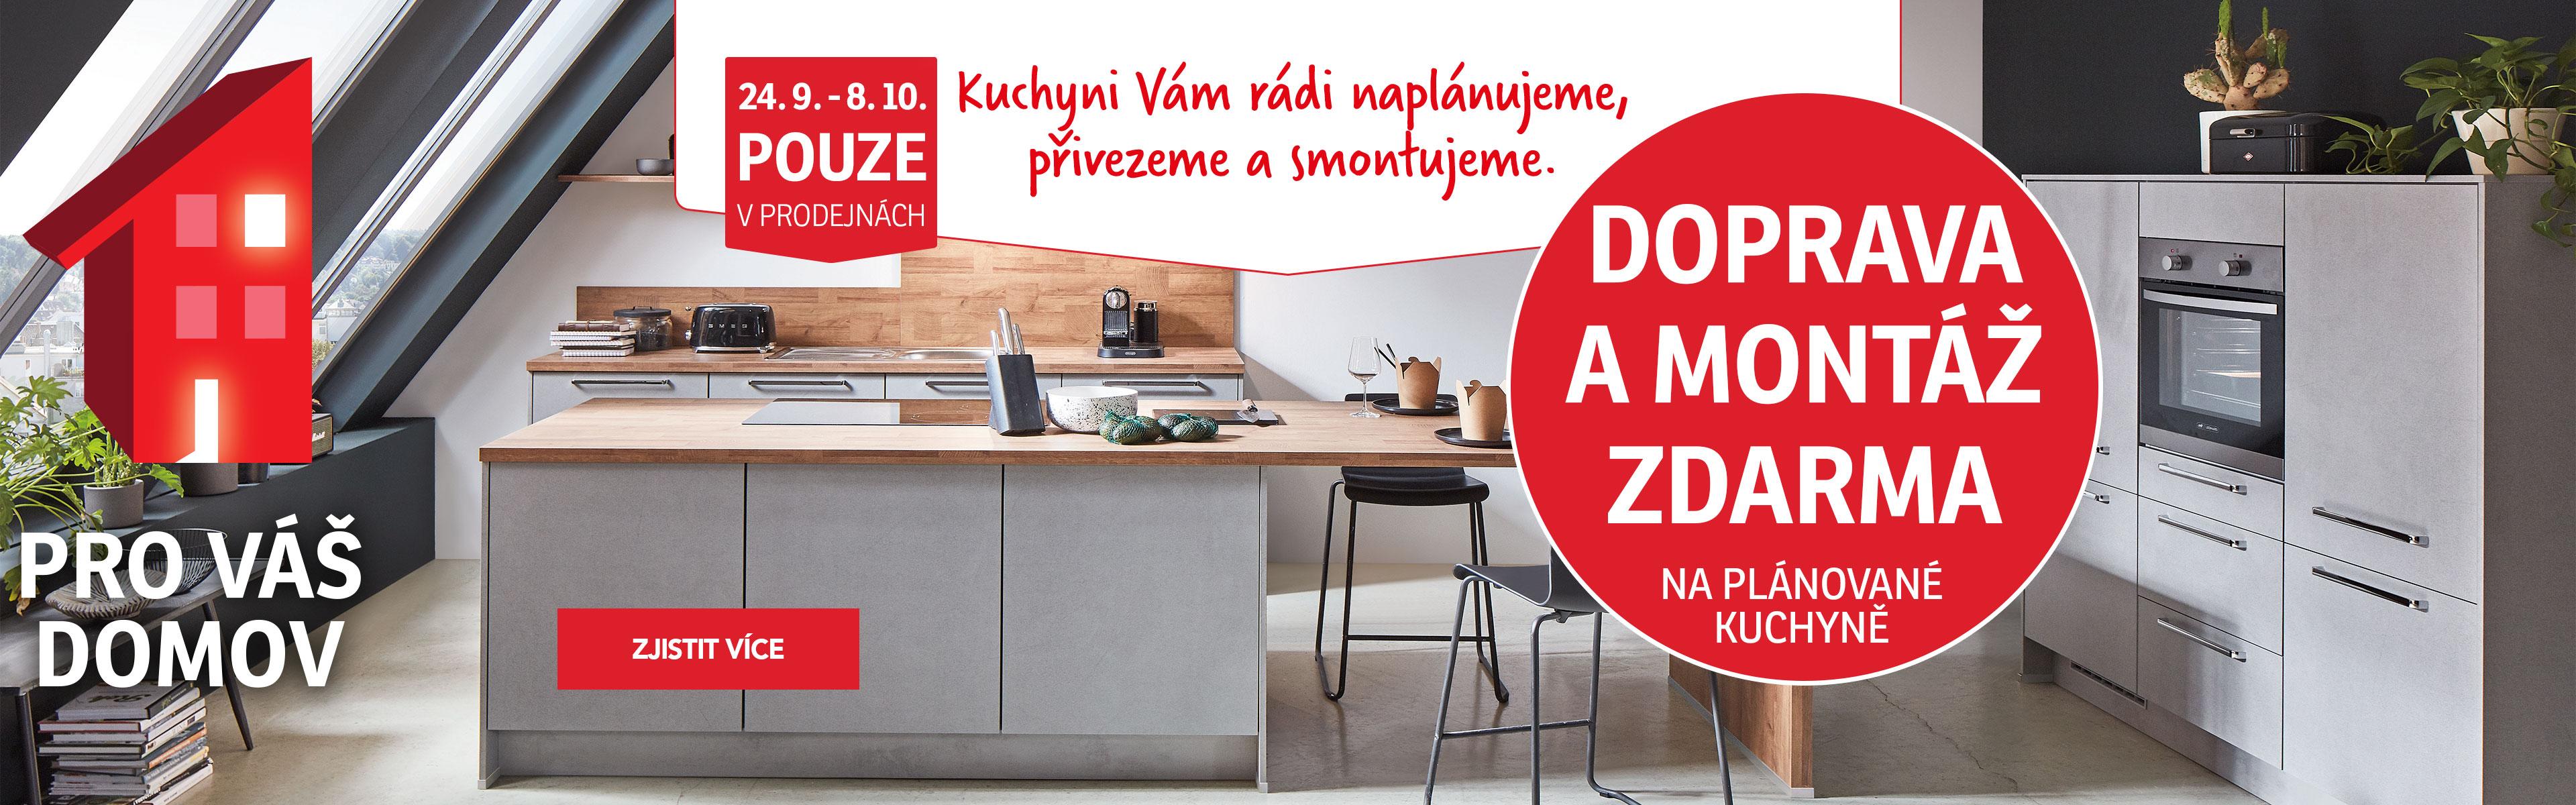 Kuchyně-doprava a montáž zdarma 24-8-10-2020